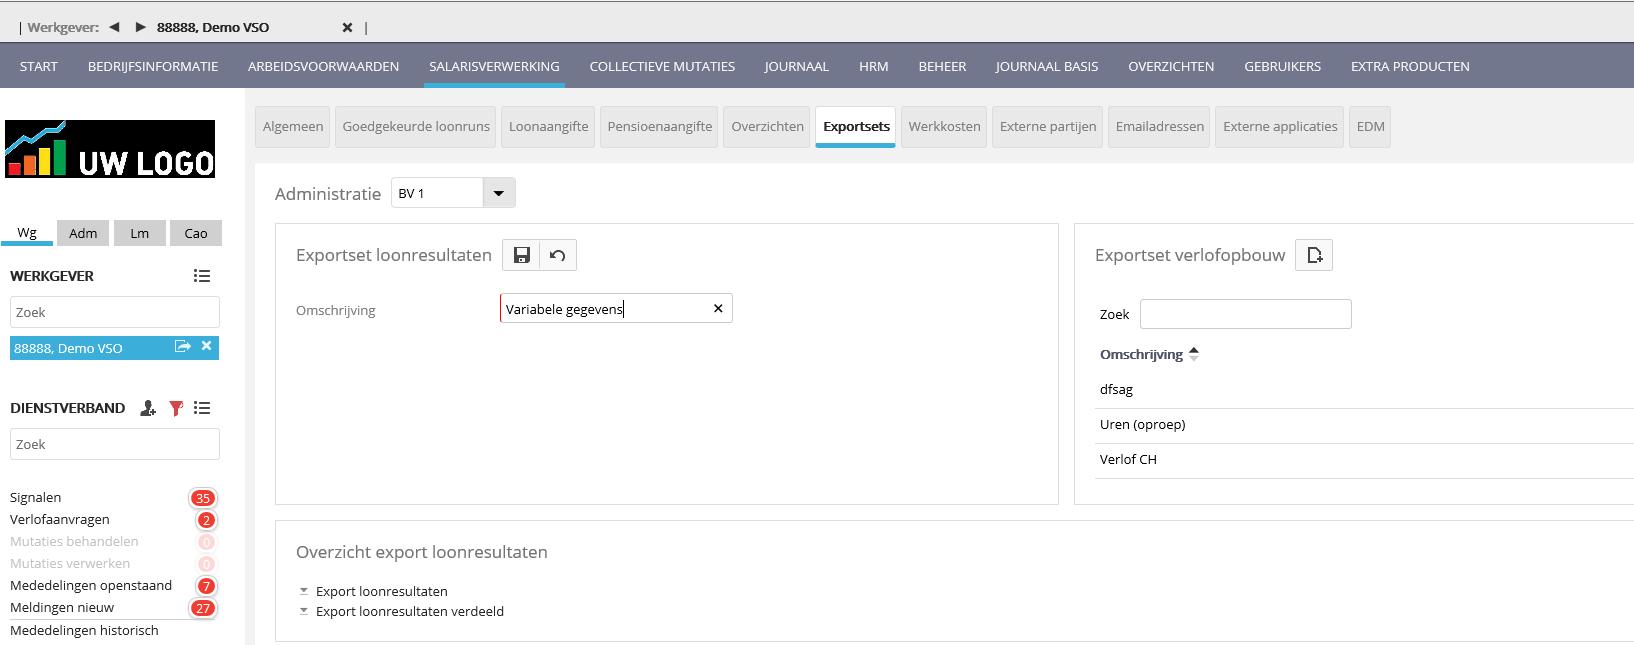 schermafbeelding_exportset.png